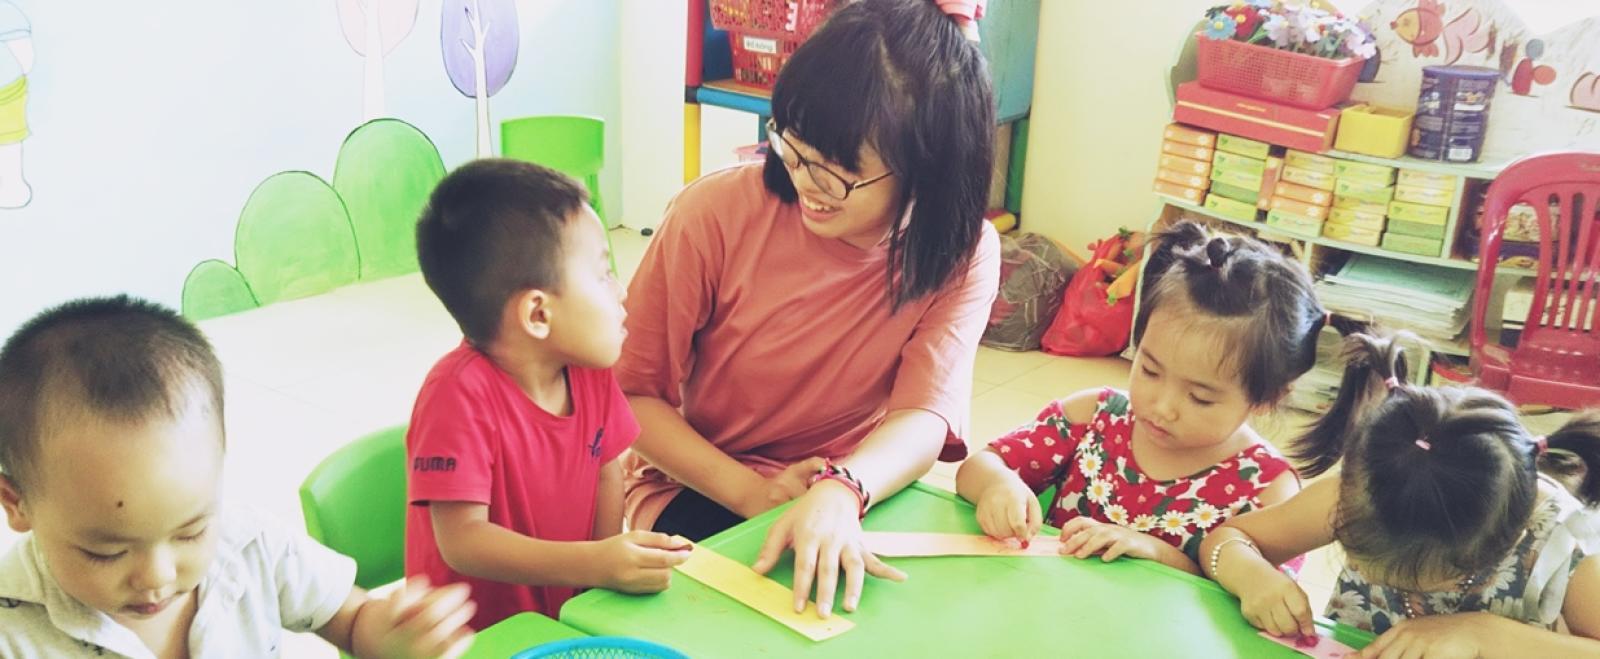 高校生ボランティア新村華子さんがベトナムの子供たちと七夕の短冊を作る